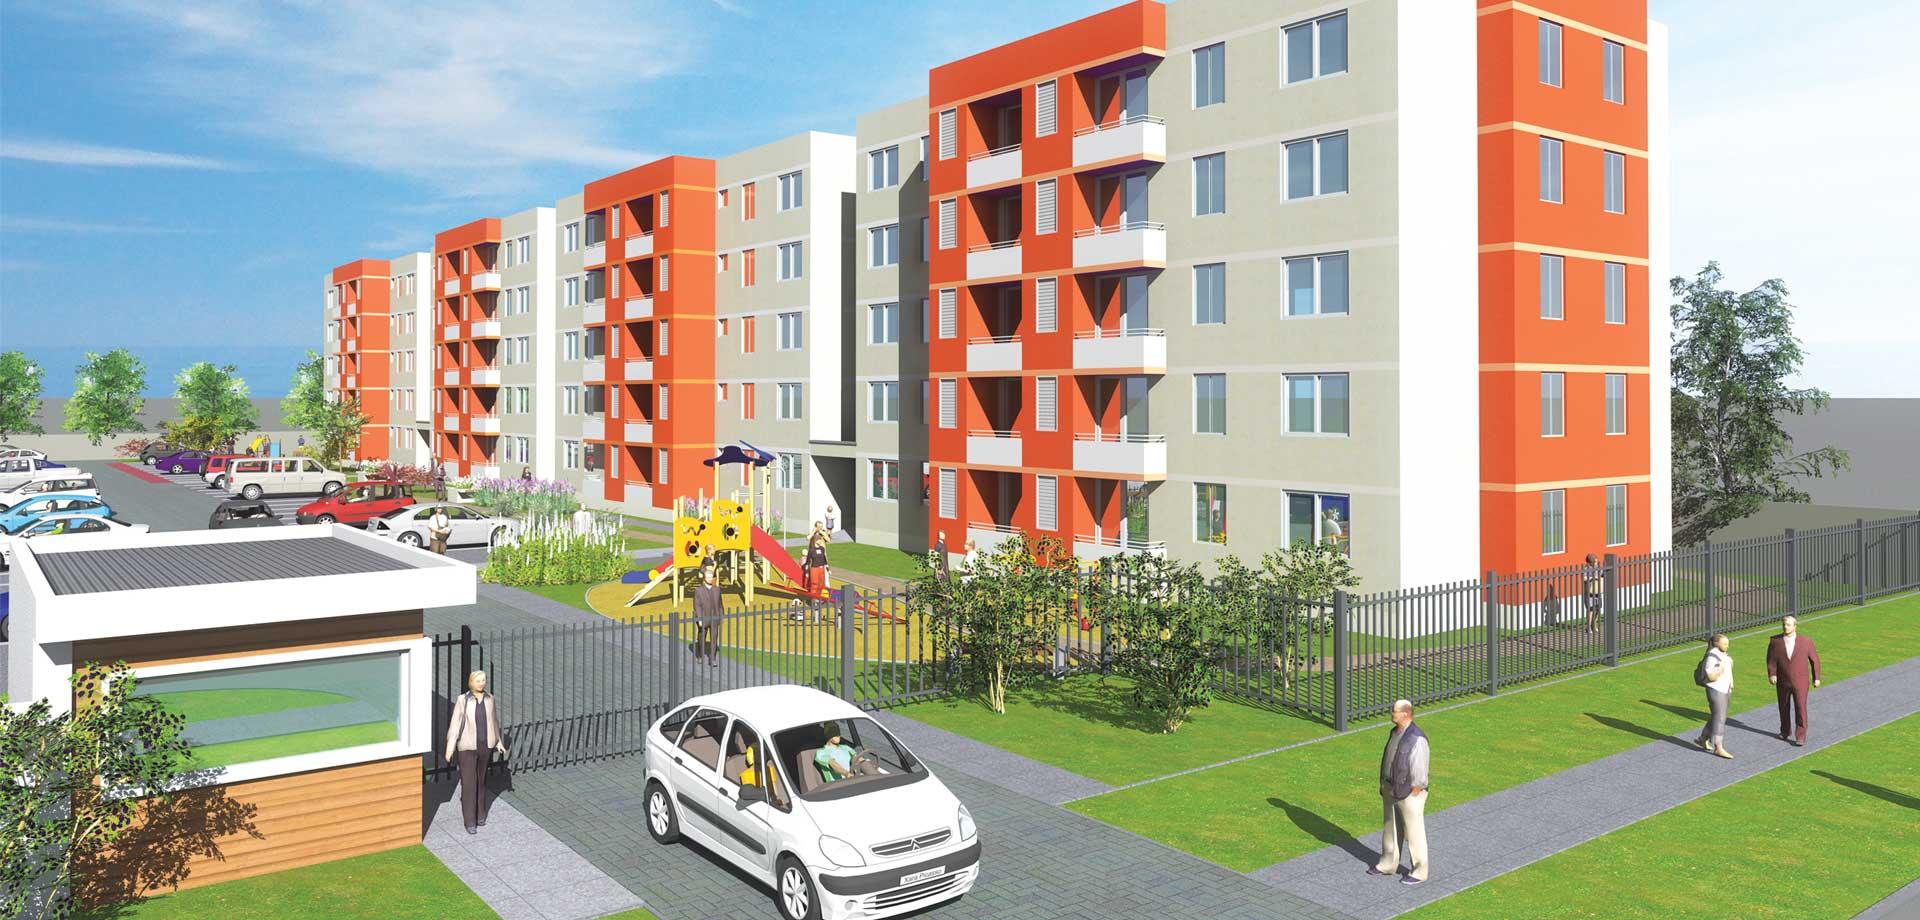 Condominio El Encanto Temuco, venta de departamentos con subsidio habitacional